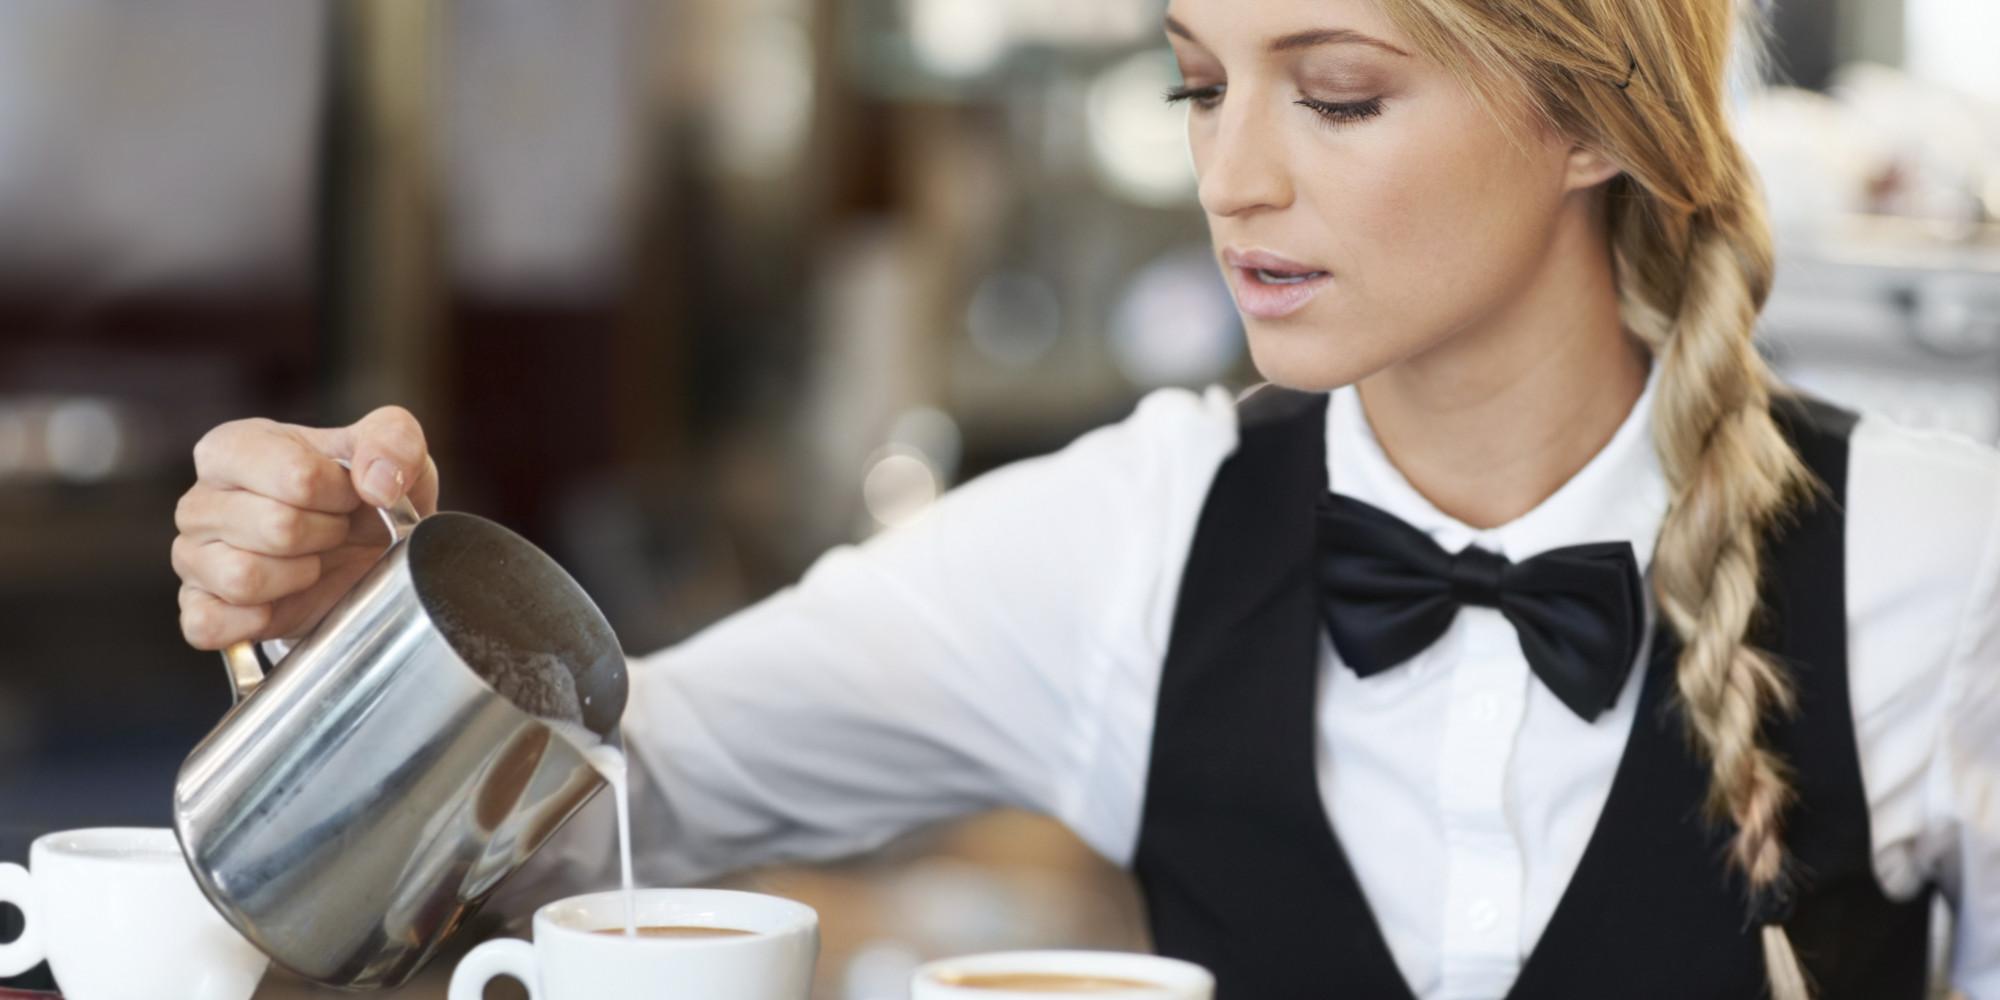 fired waitress